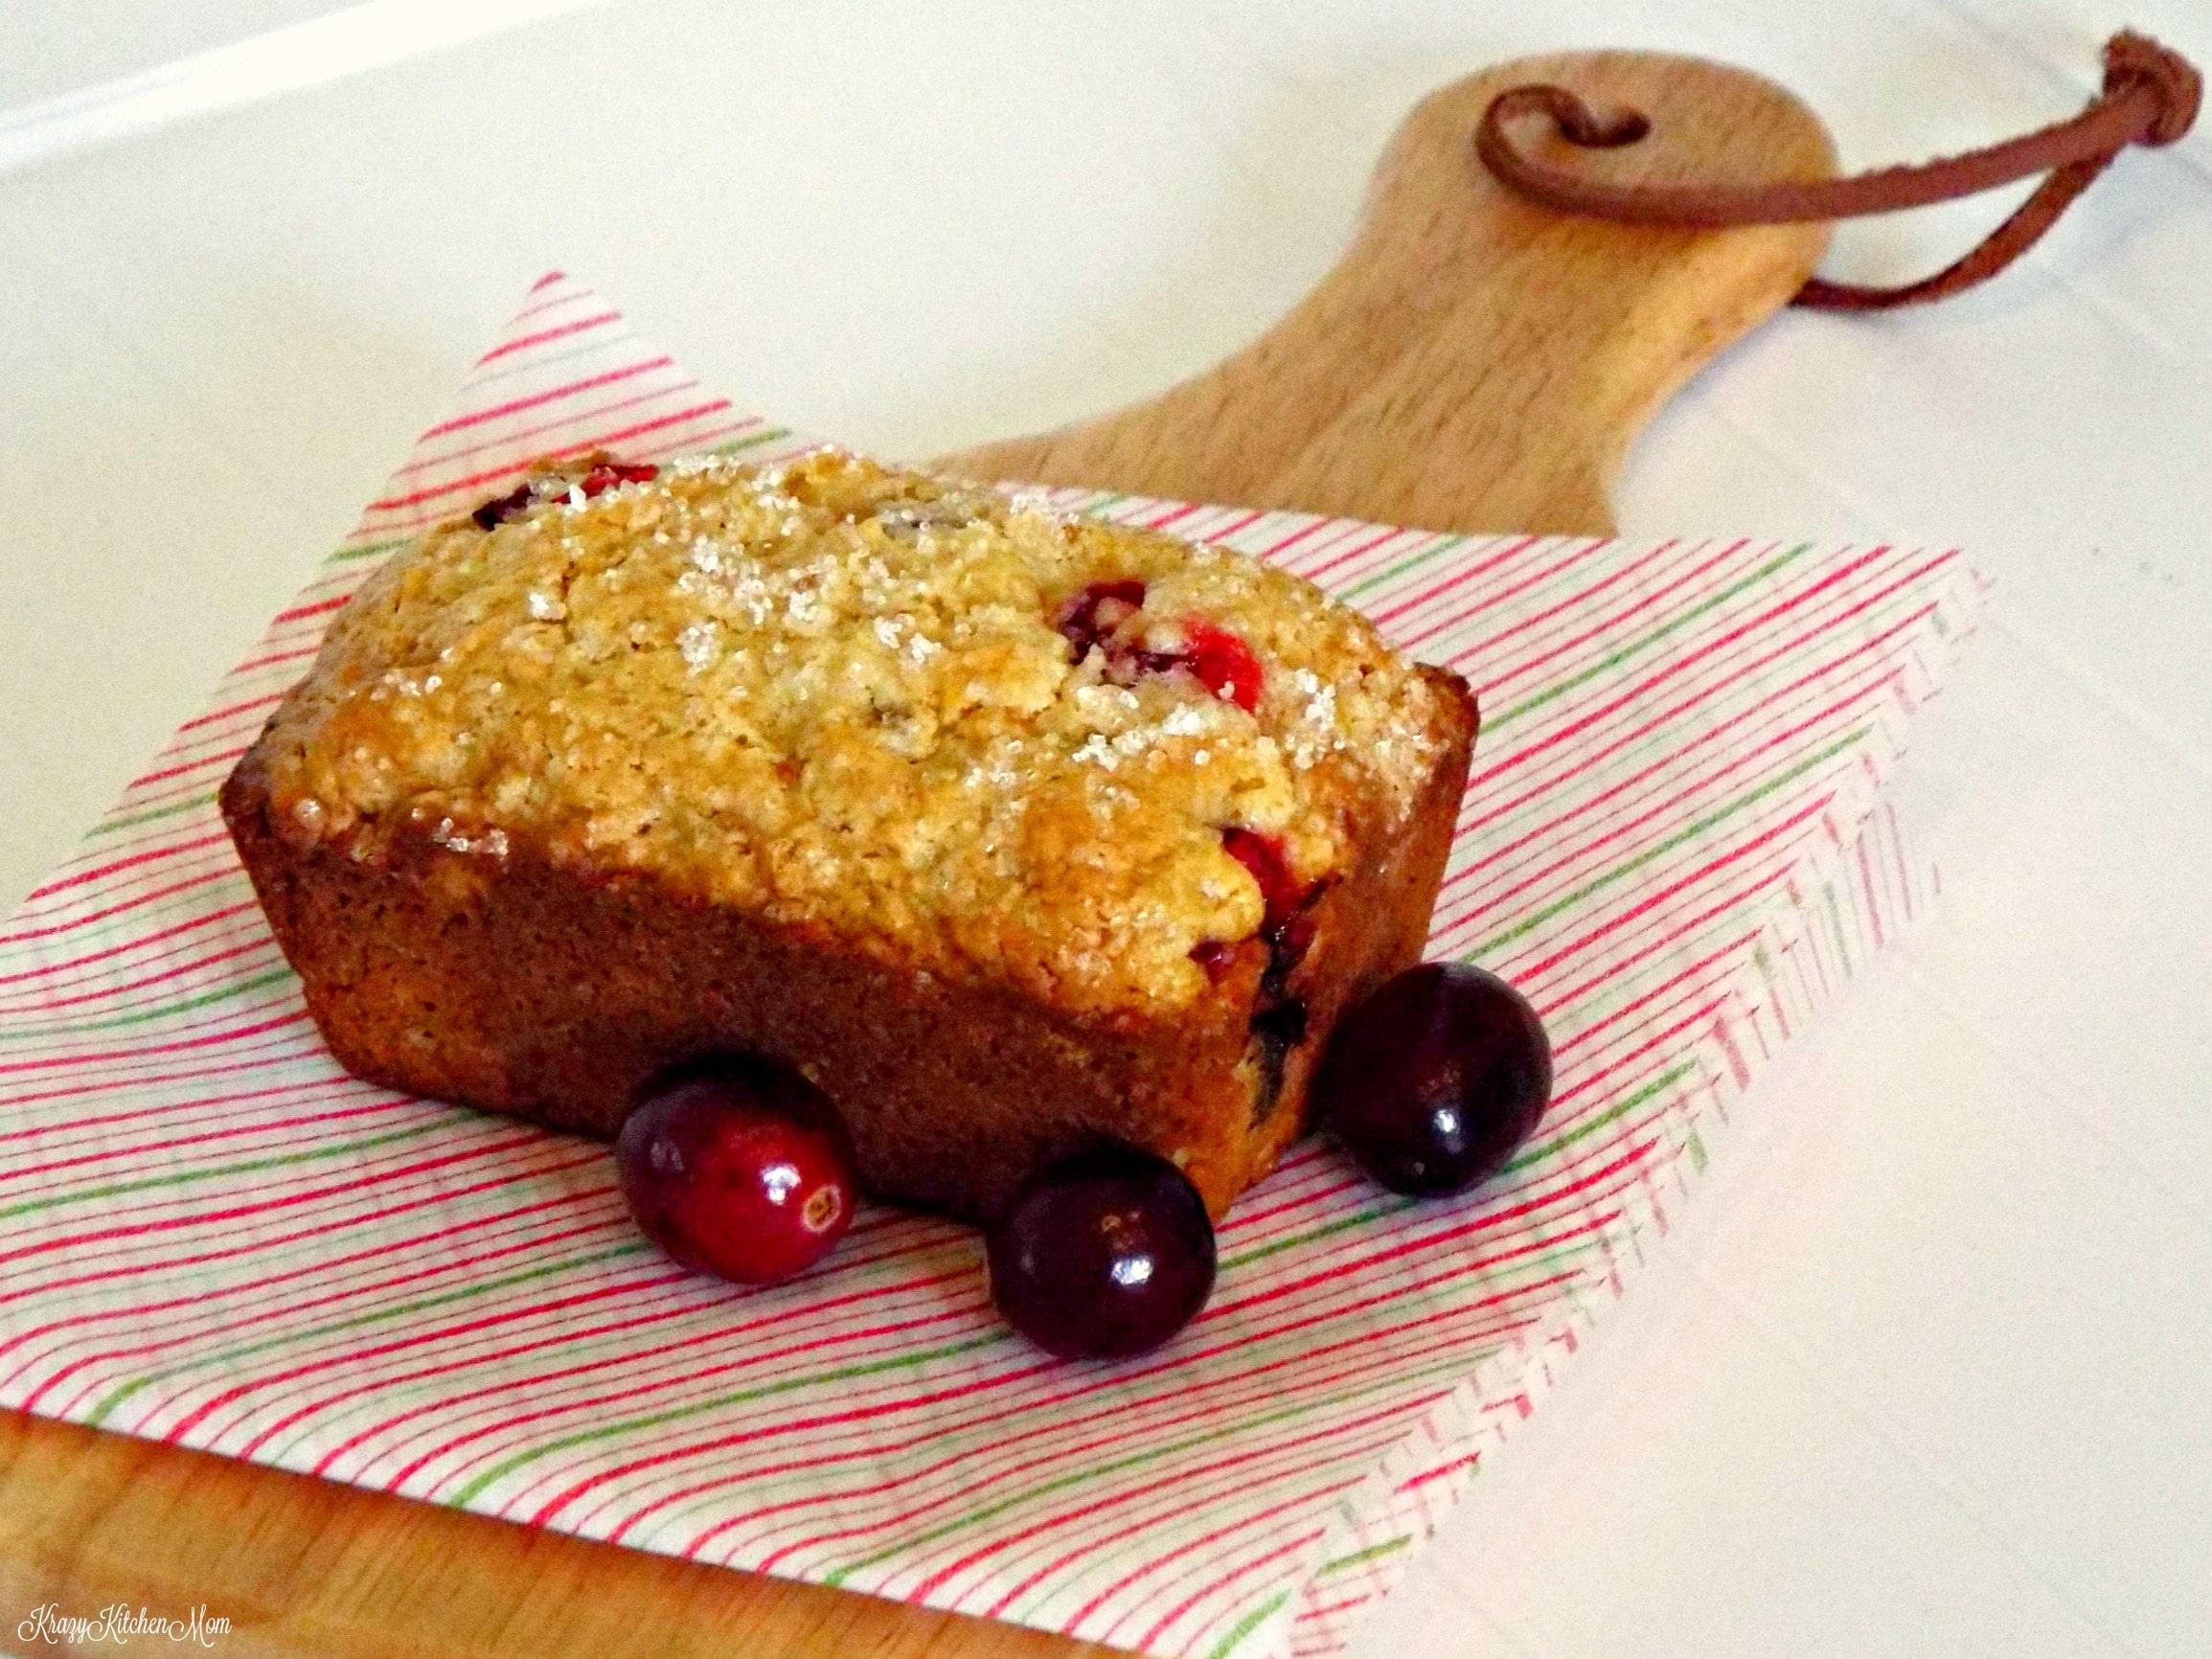 jeans-famous-cranberry-nut-bread-2